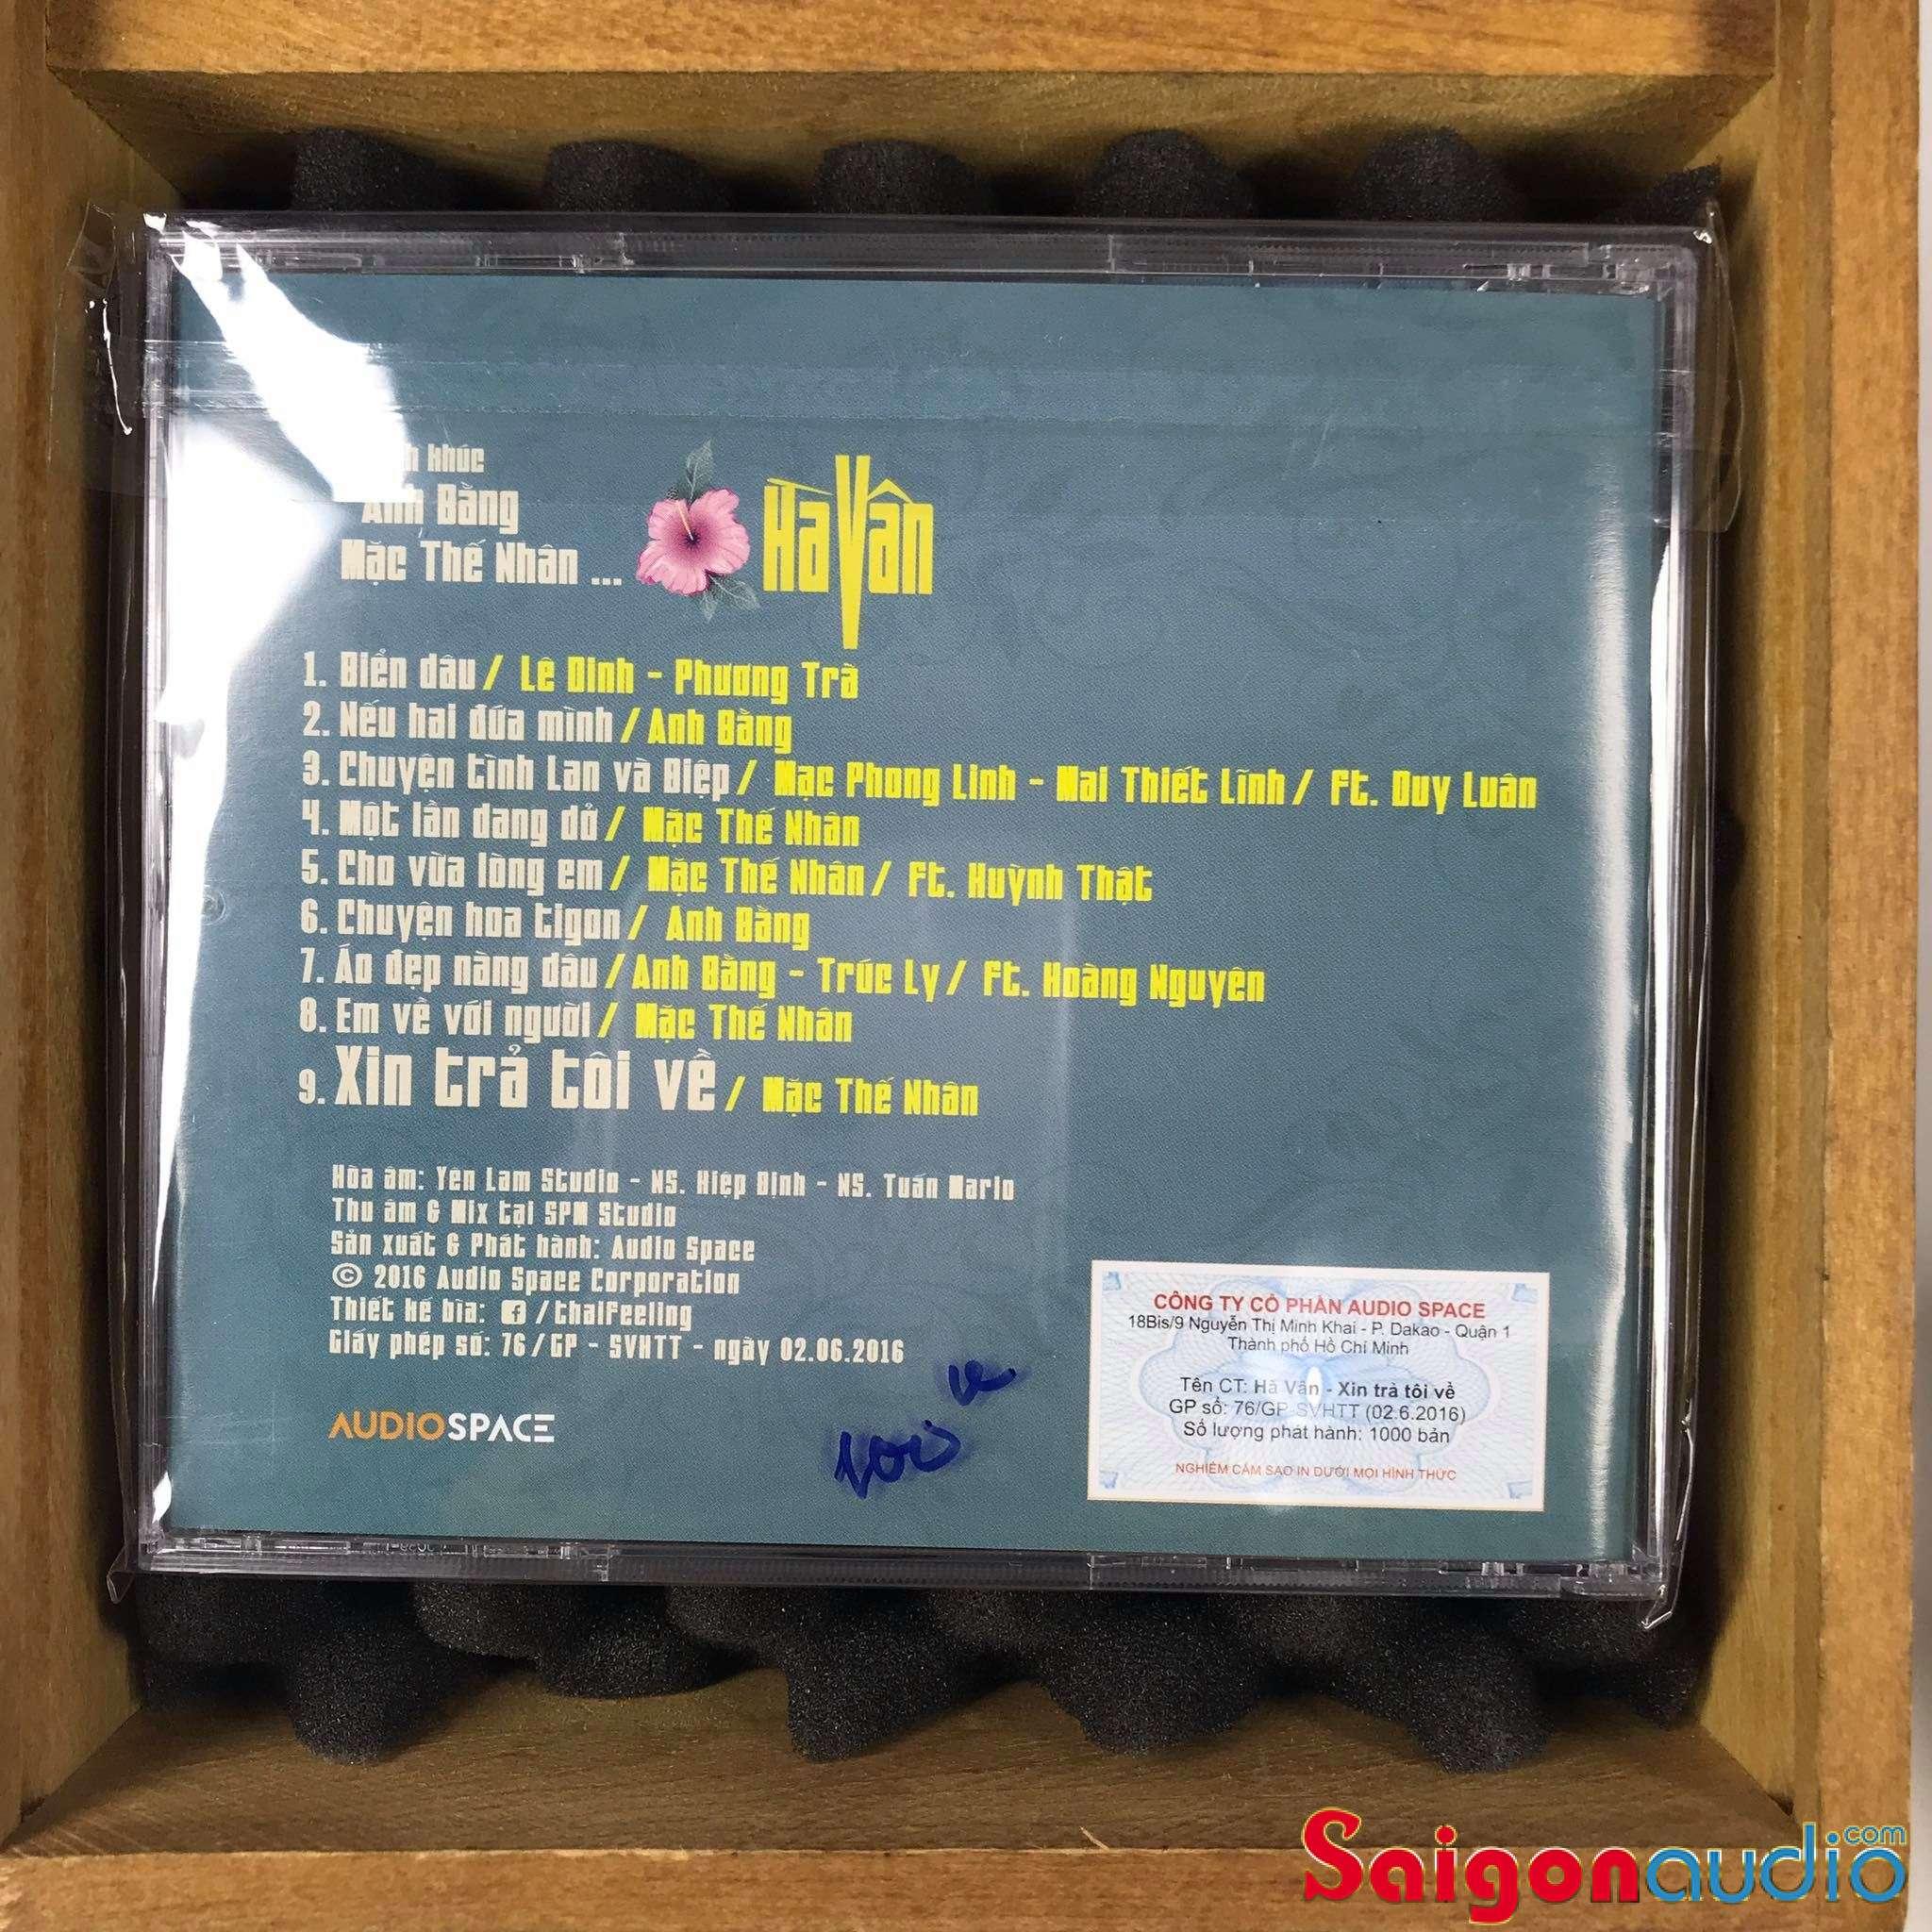 Đĩa CD gốc Hà Vân - Tình Khúc Anh Bằng - Mạc Thế Nhân (Free ship khi mua 2 đĩa CD cùng hoặc khác loại)